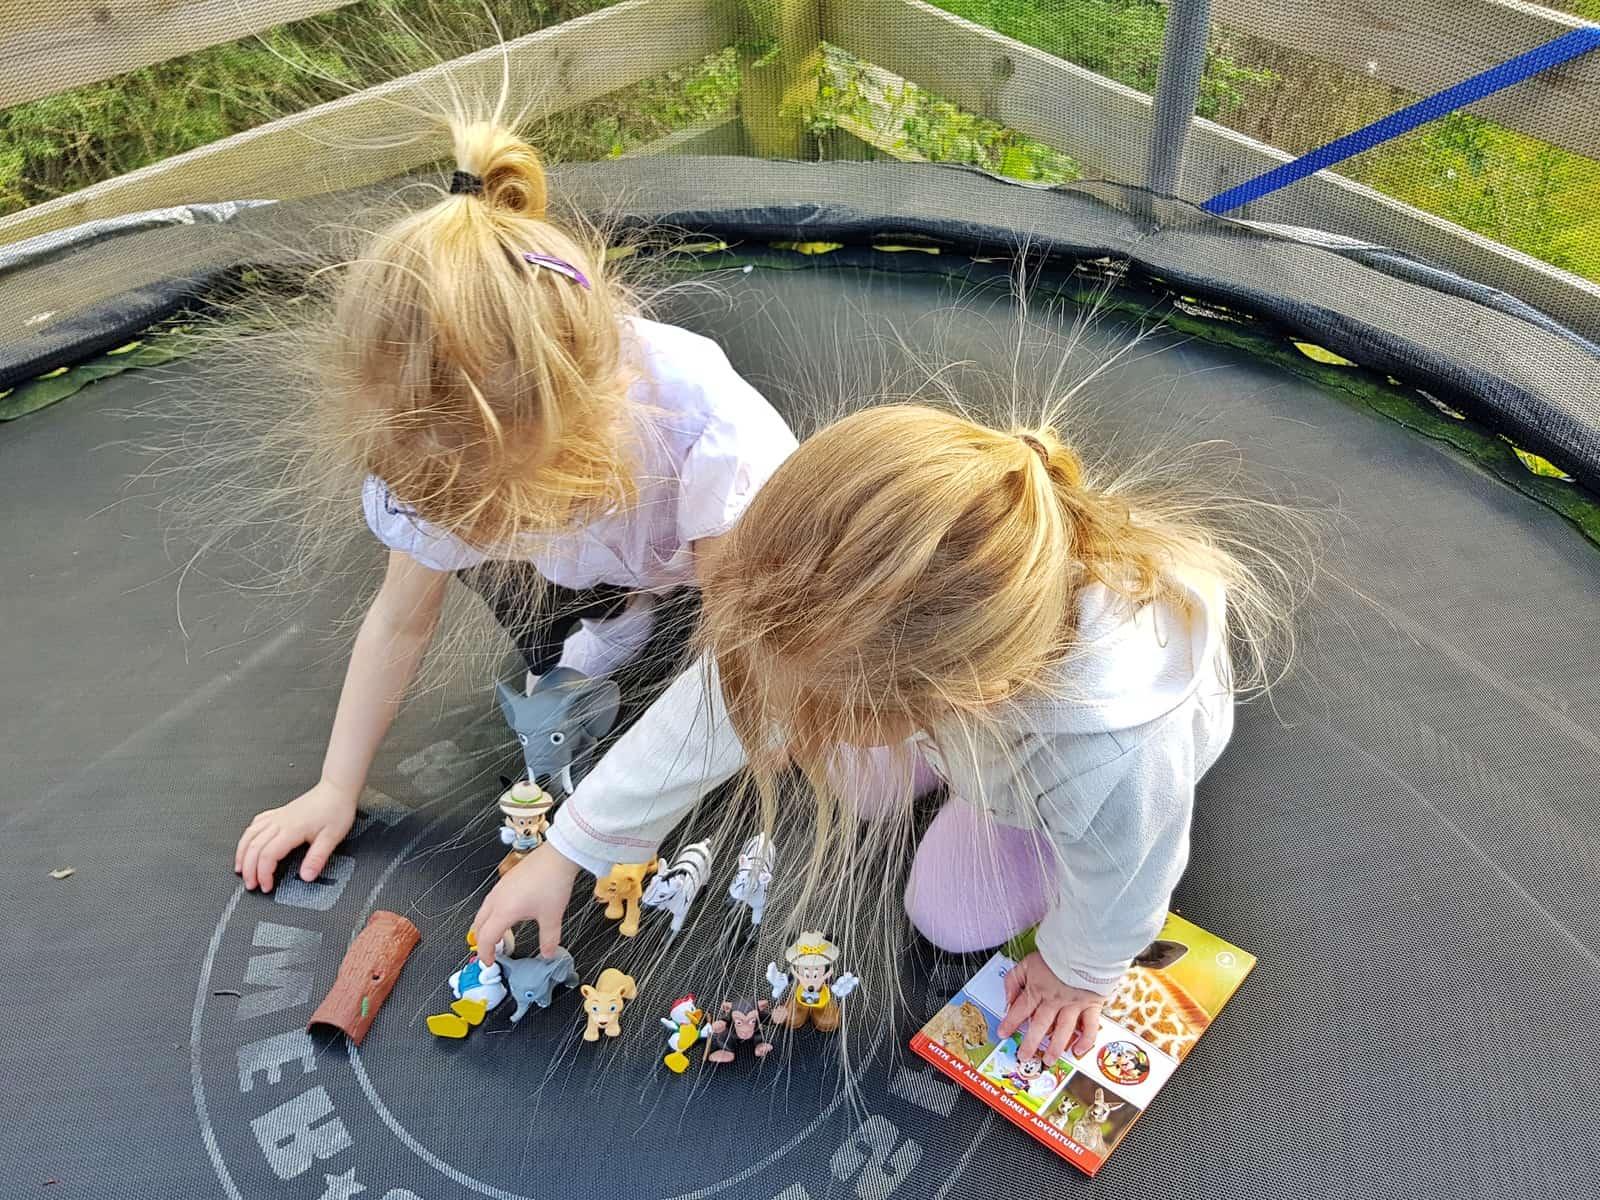 Children bending over Disney Animal World Toys